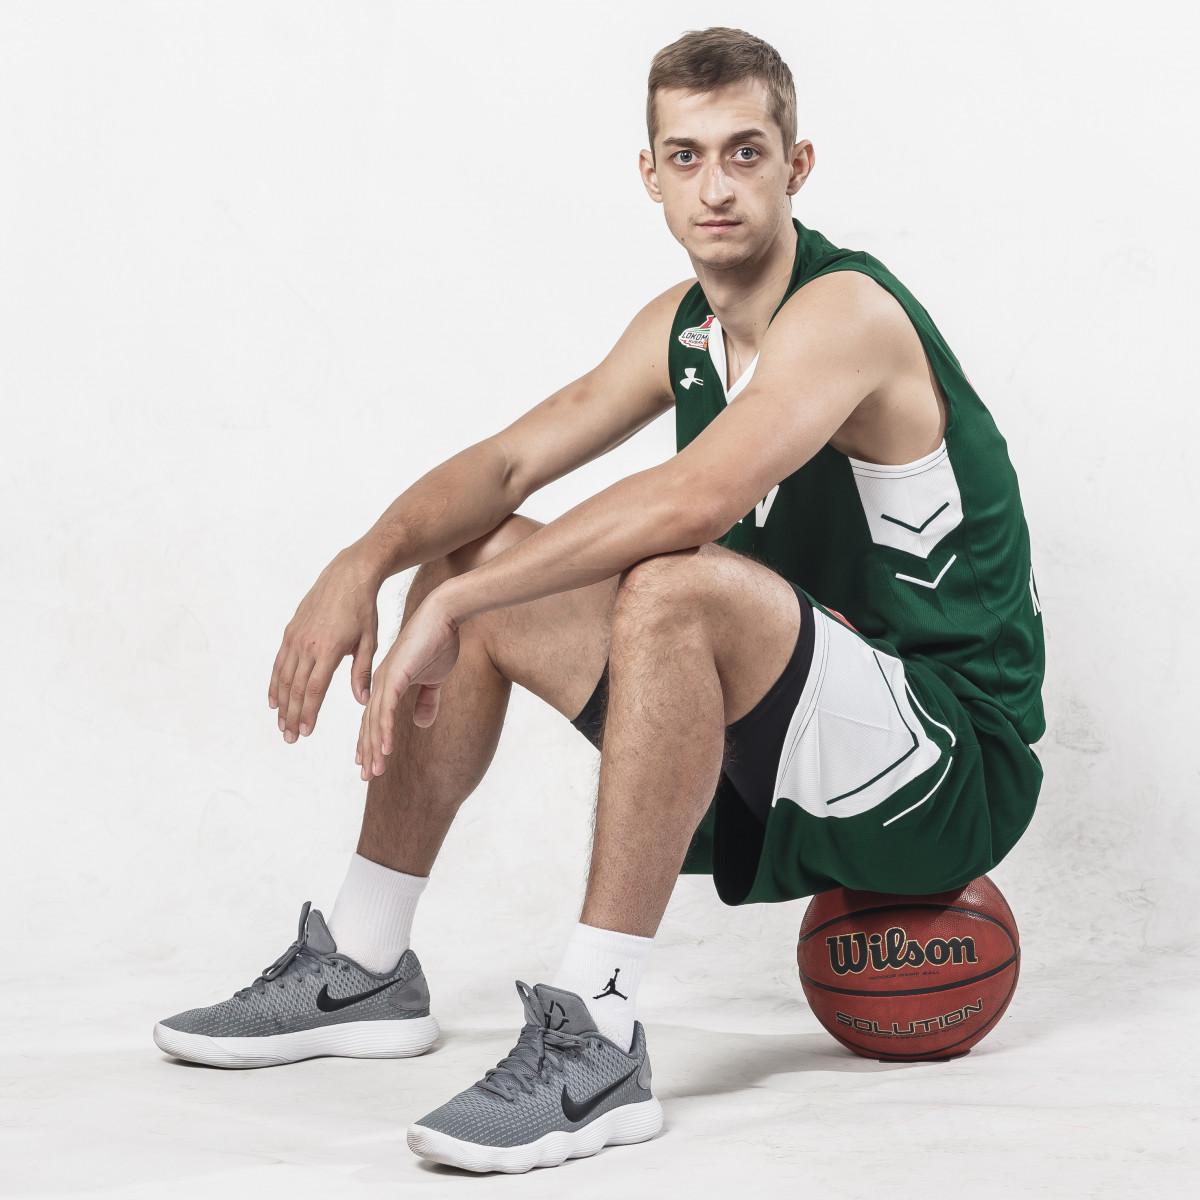 Photo of Dmitry Khvostov, 2017-2018 season